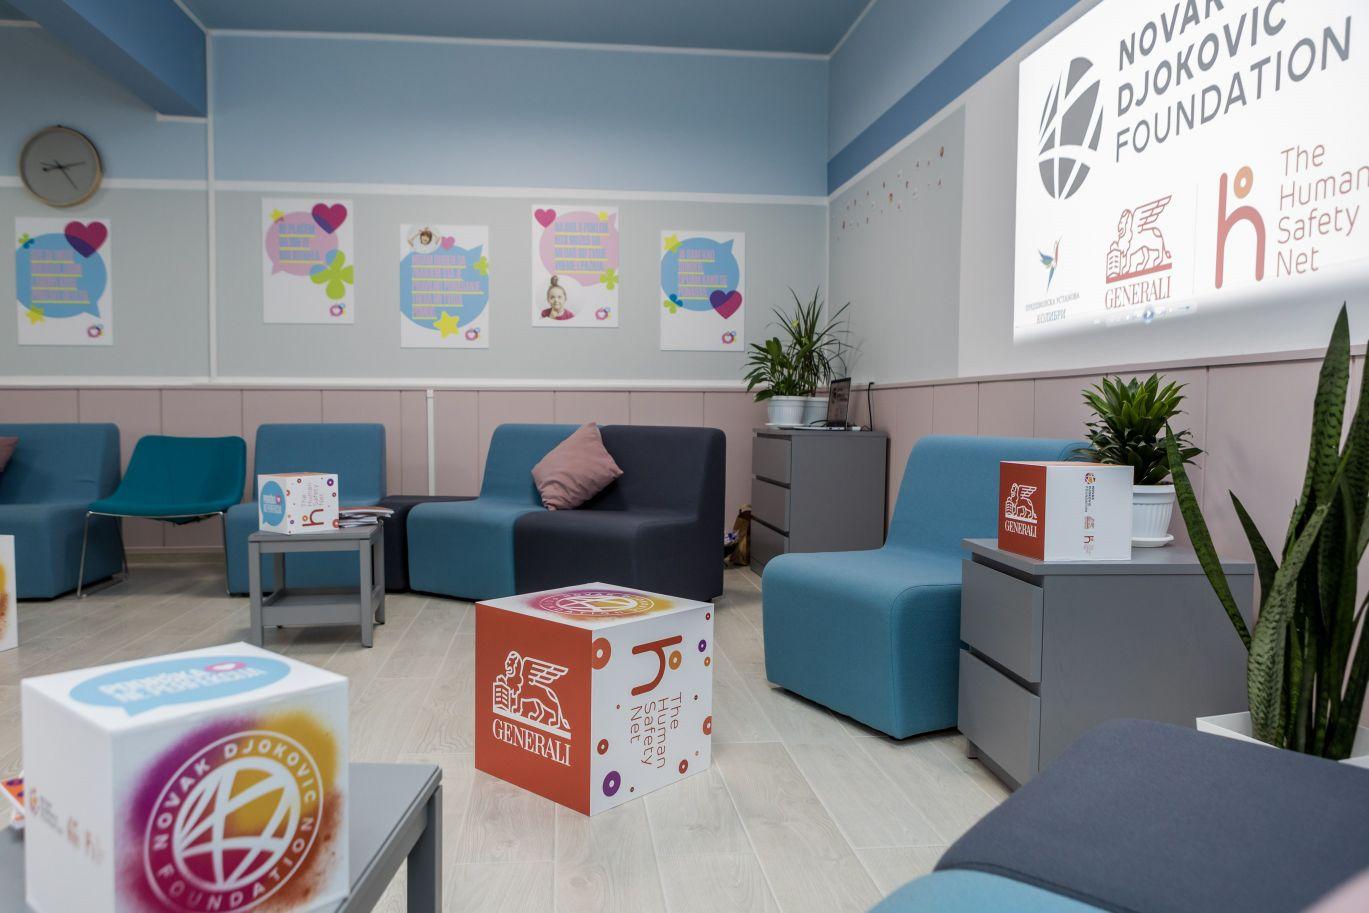 Centar, Novak Đoković Fondacija i The Human Safety Net otvorili prvi Centar za roditelje u Kovačici, Gradski Magazin